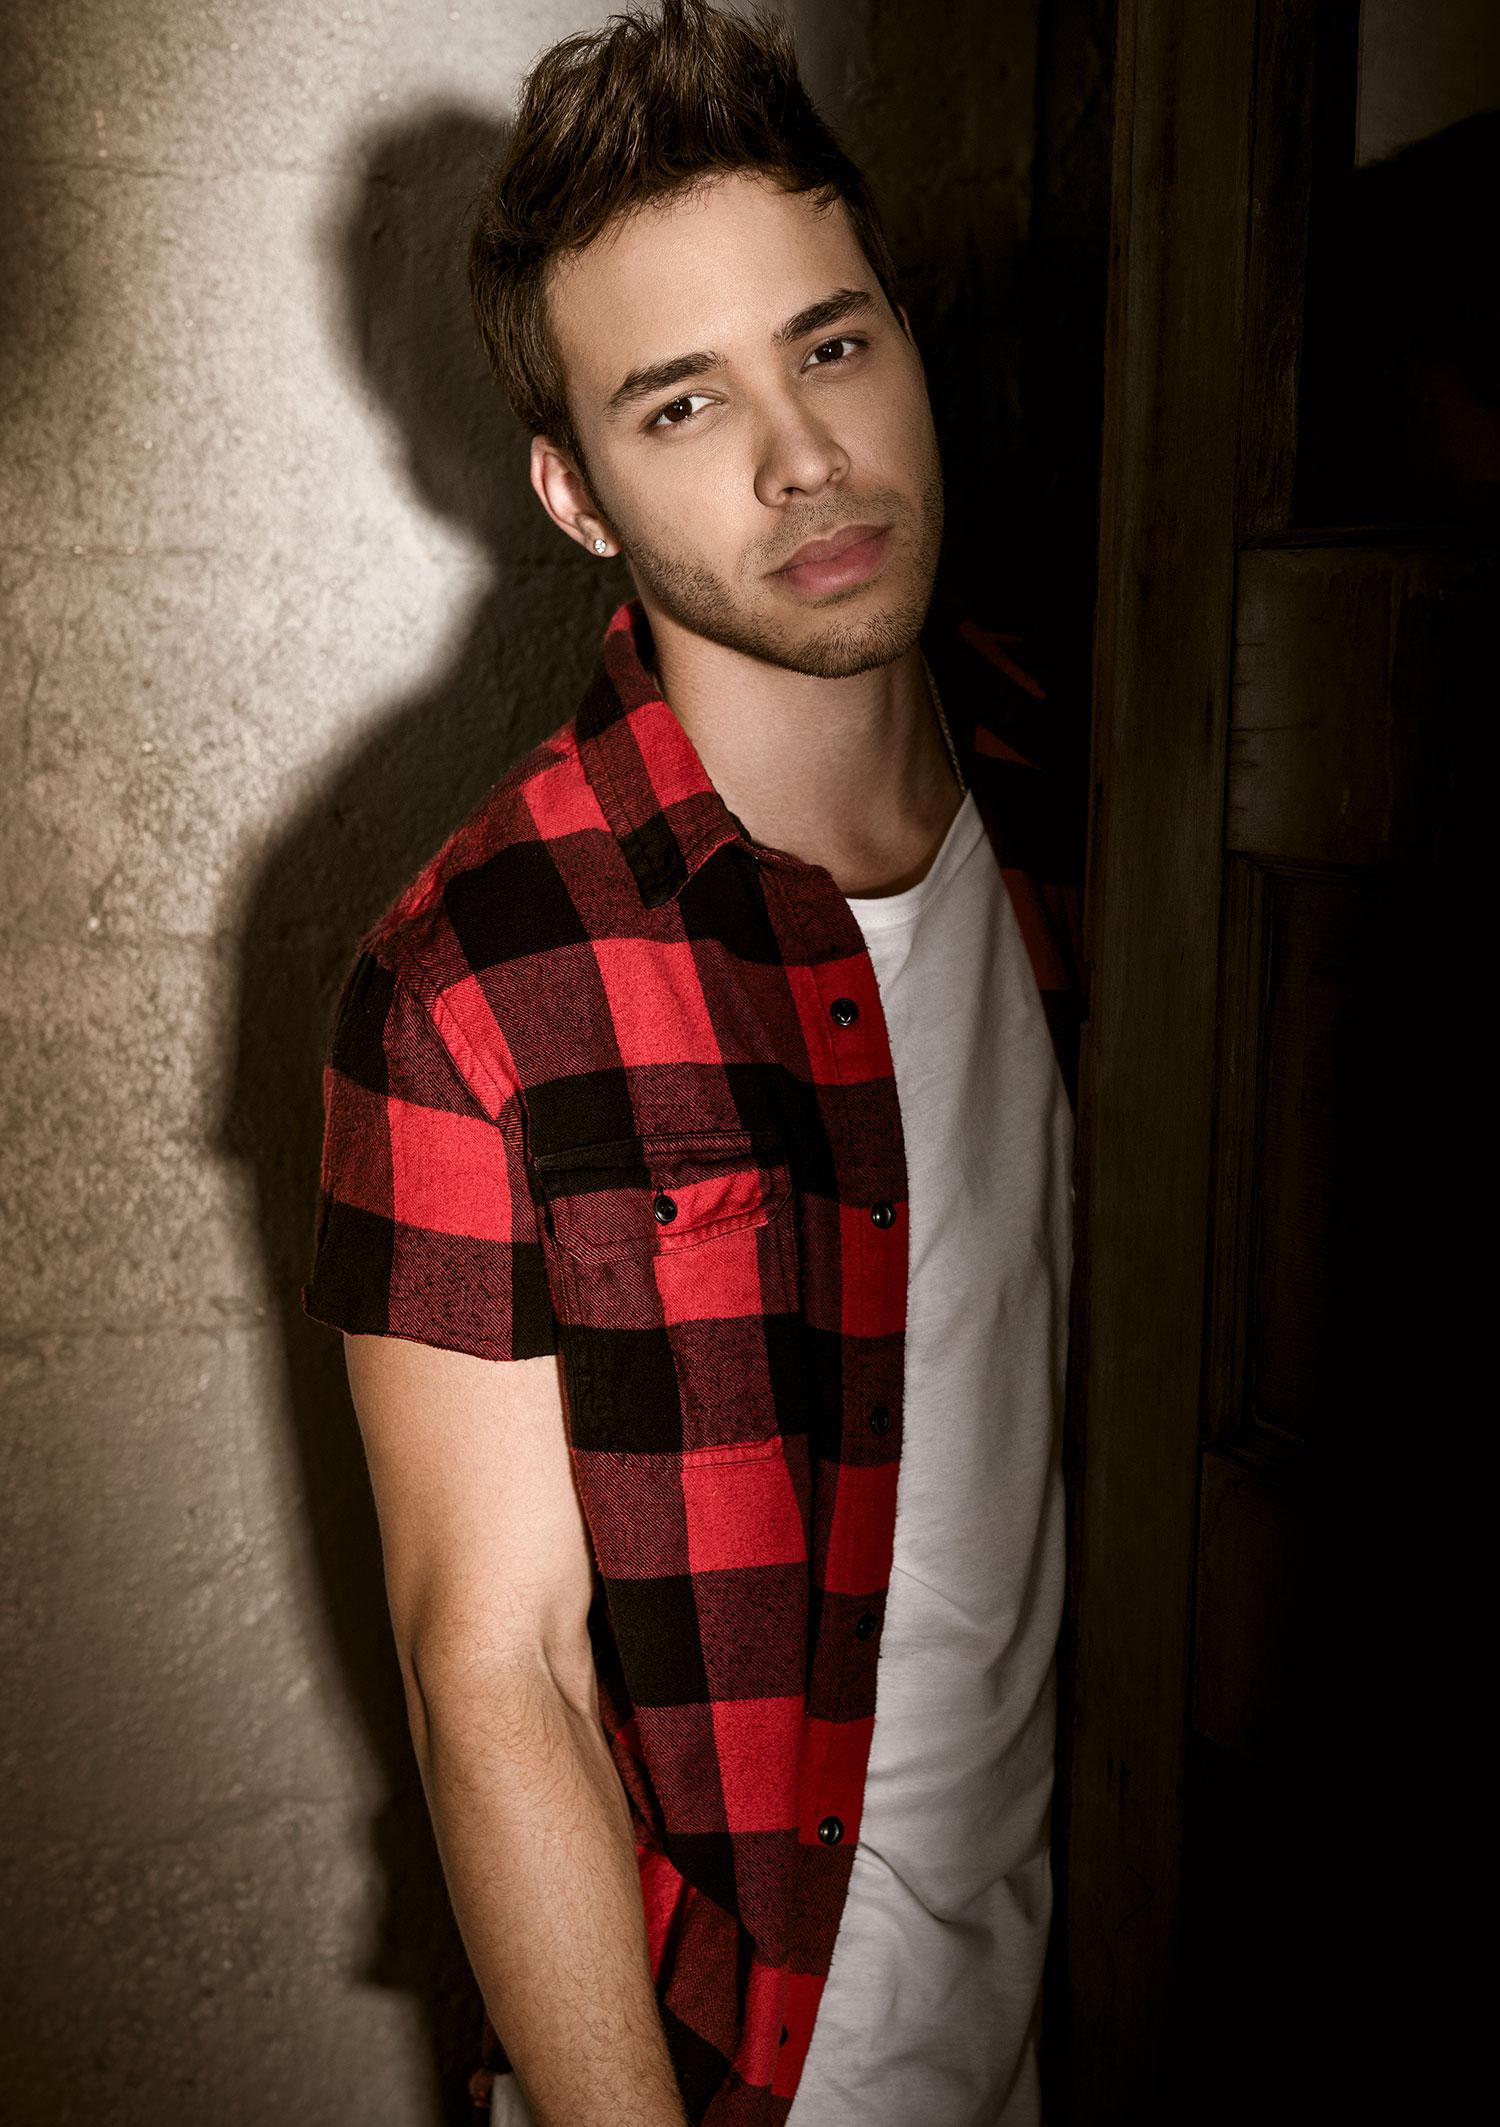 Imagen de Prince Royce músico del género Latino activo en Los 2010s